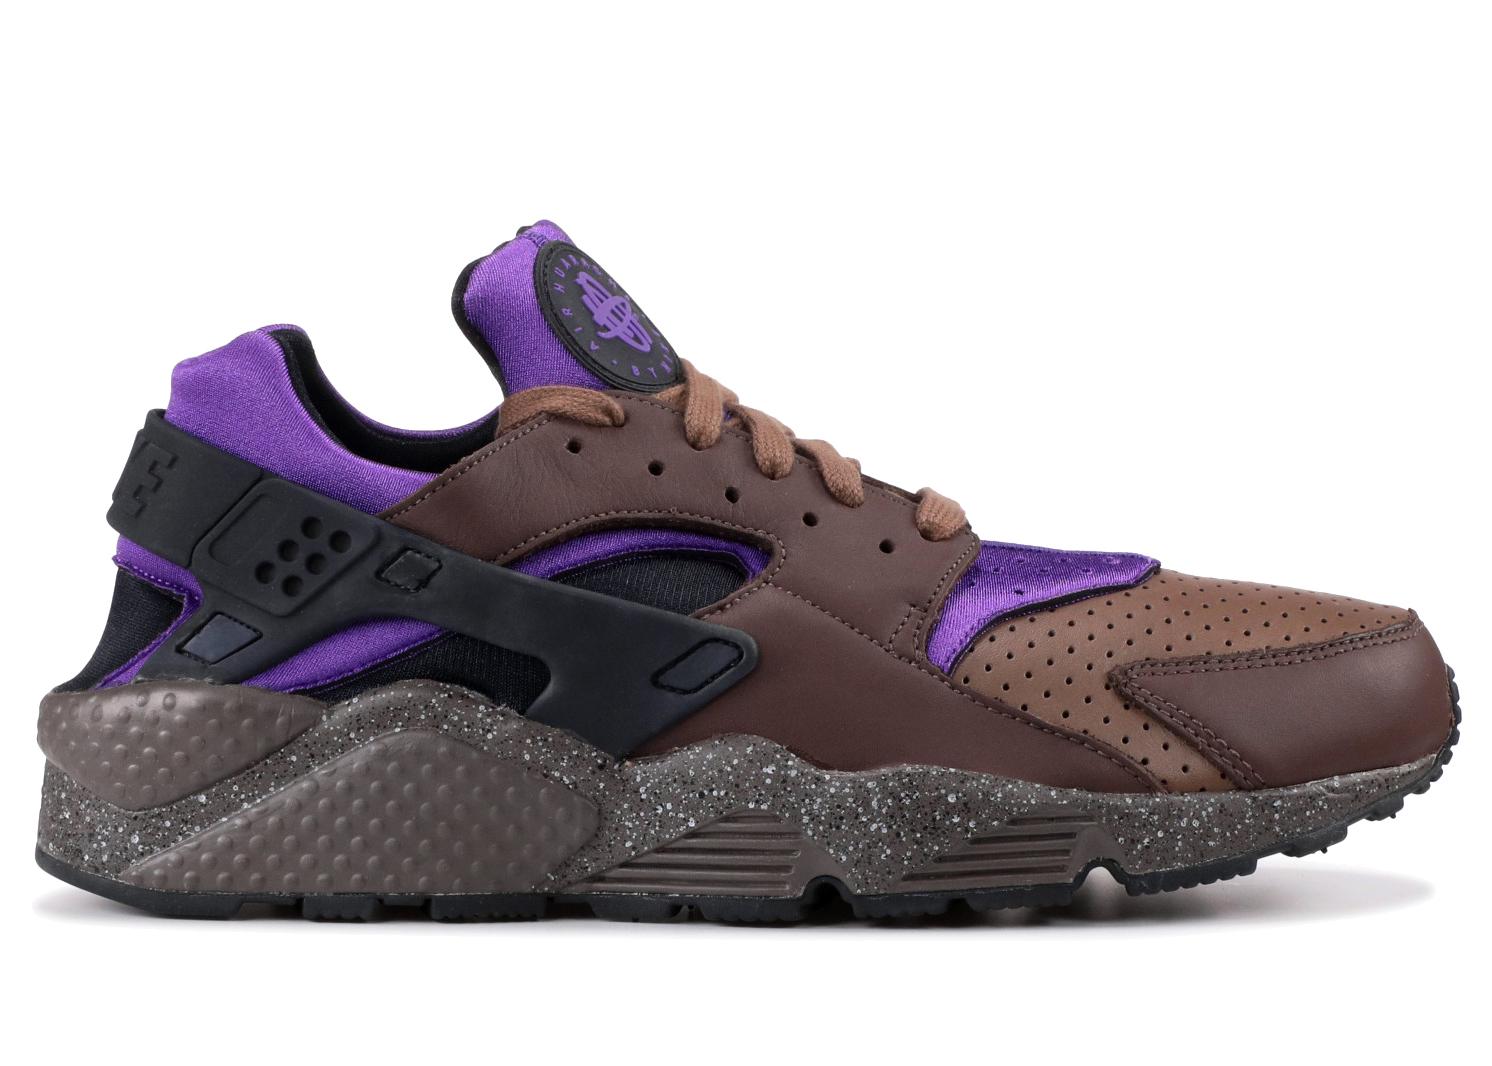 Nike Air Huarache ACG Mowabb Violet